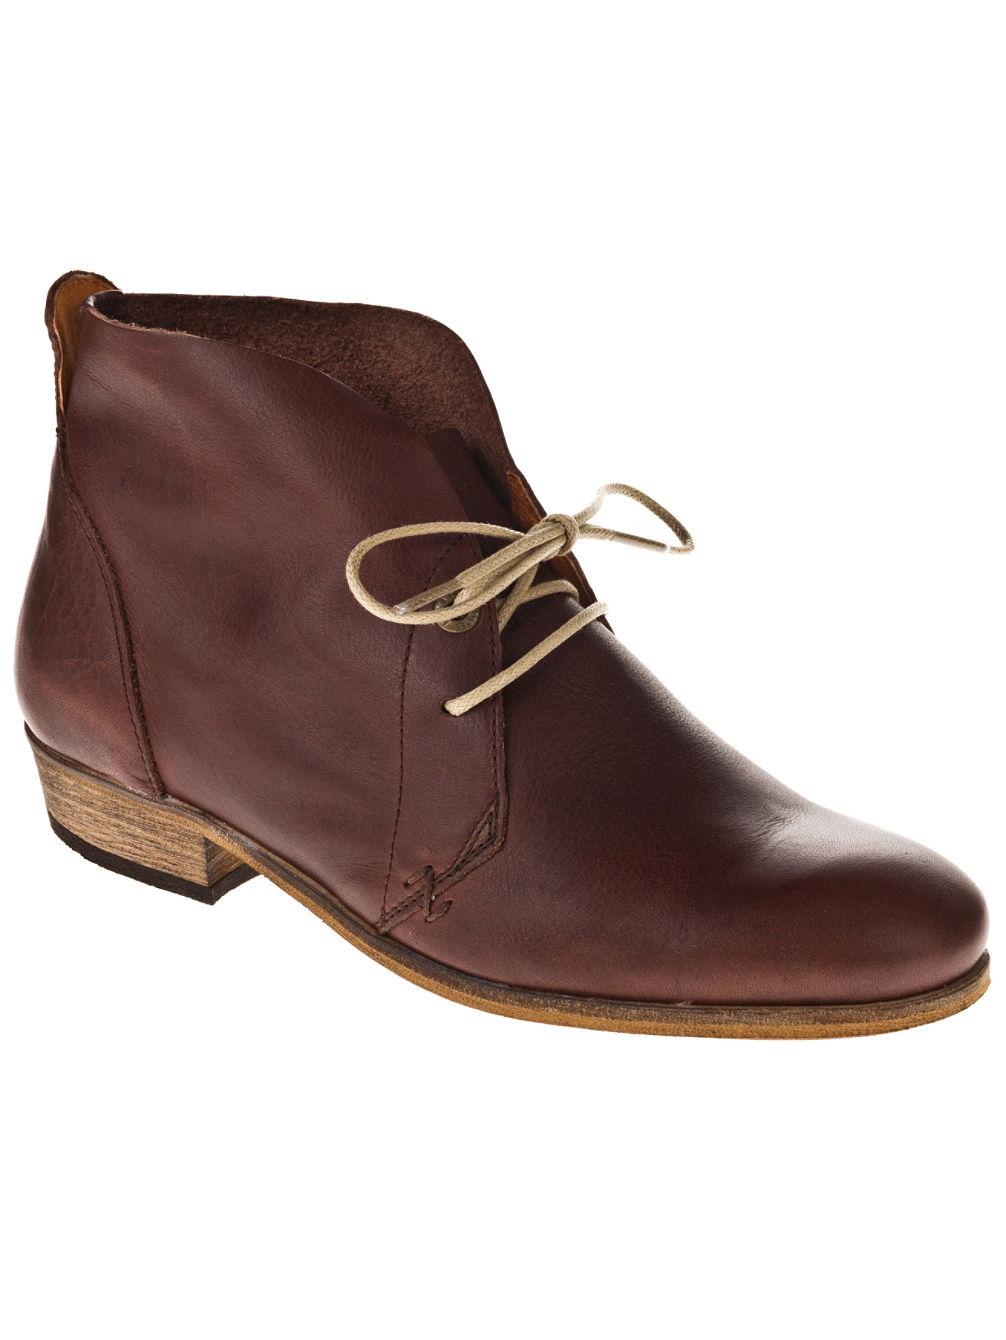 Ciao Shoes Australia